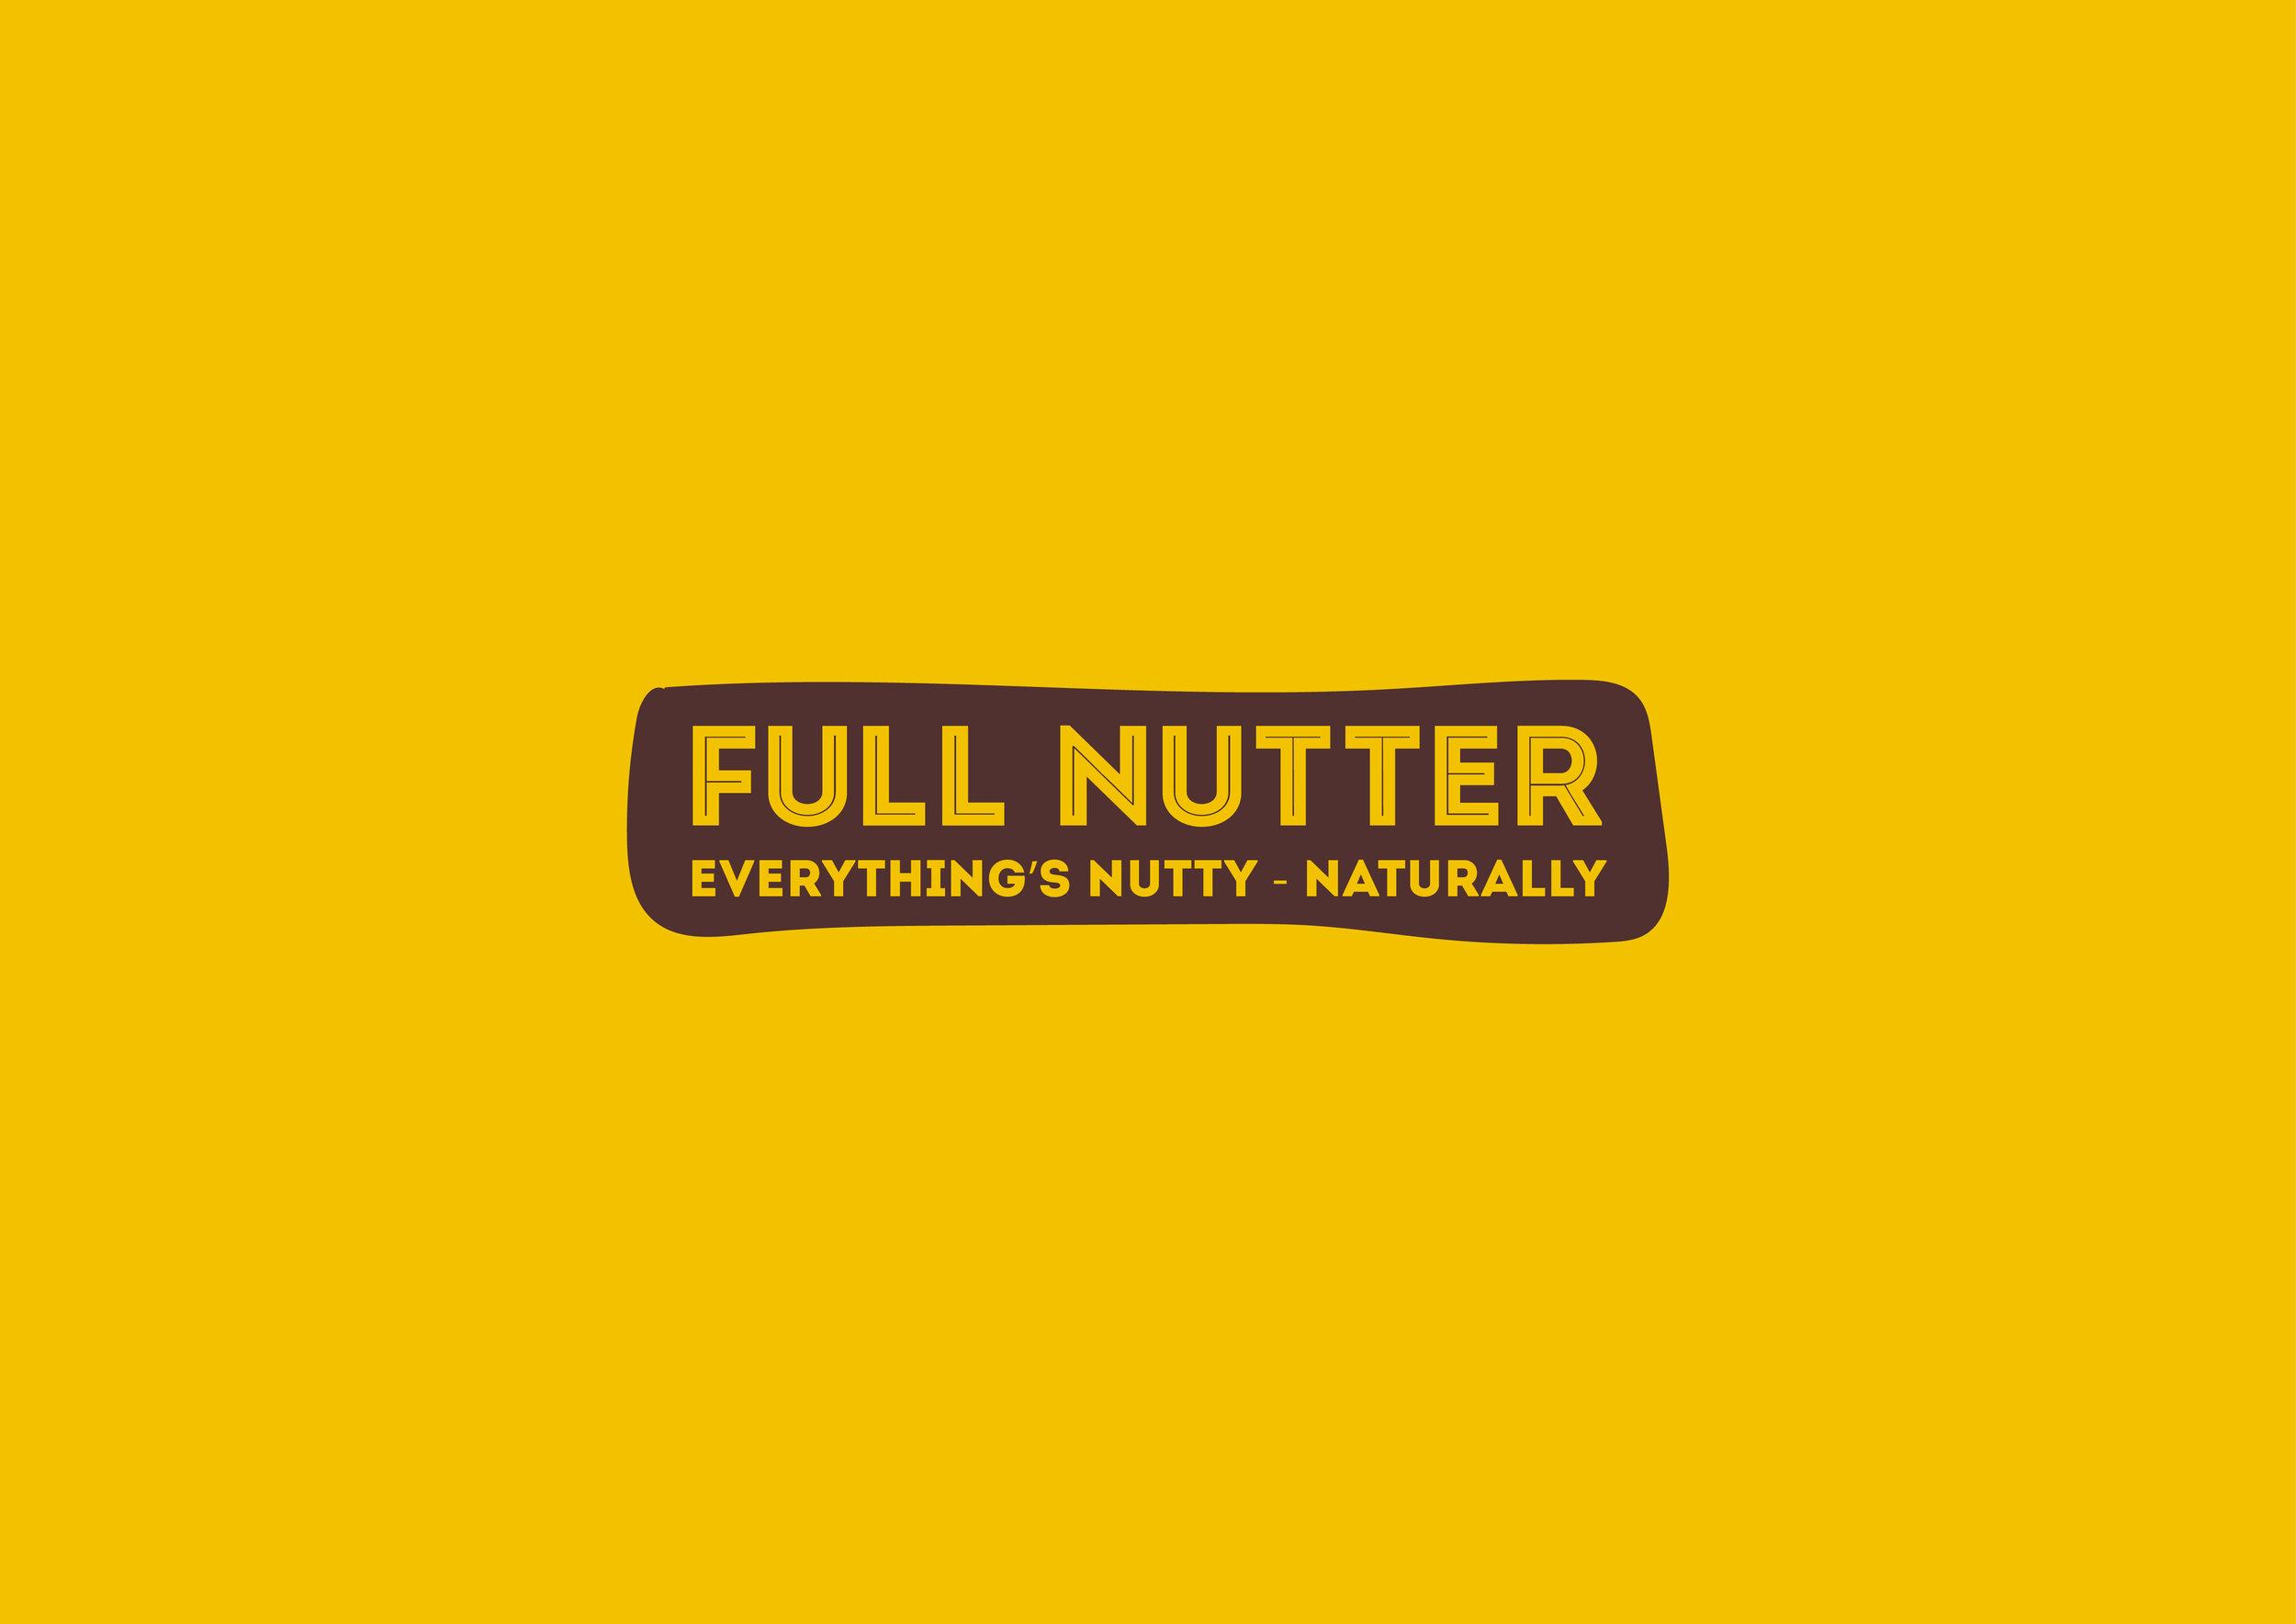 Full nutter logo mockup-01.jpg